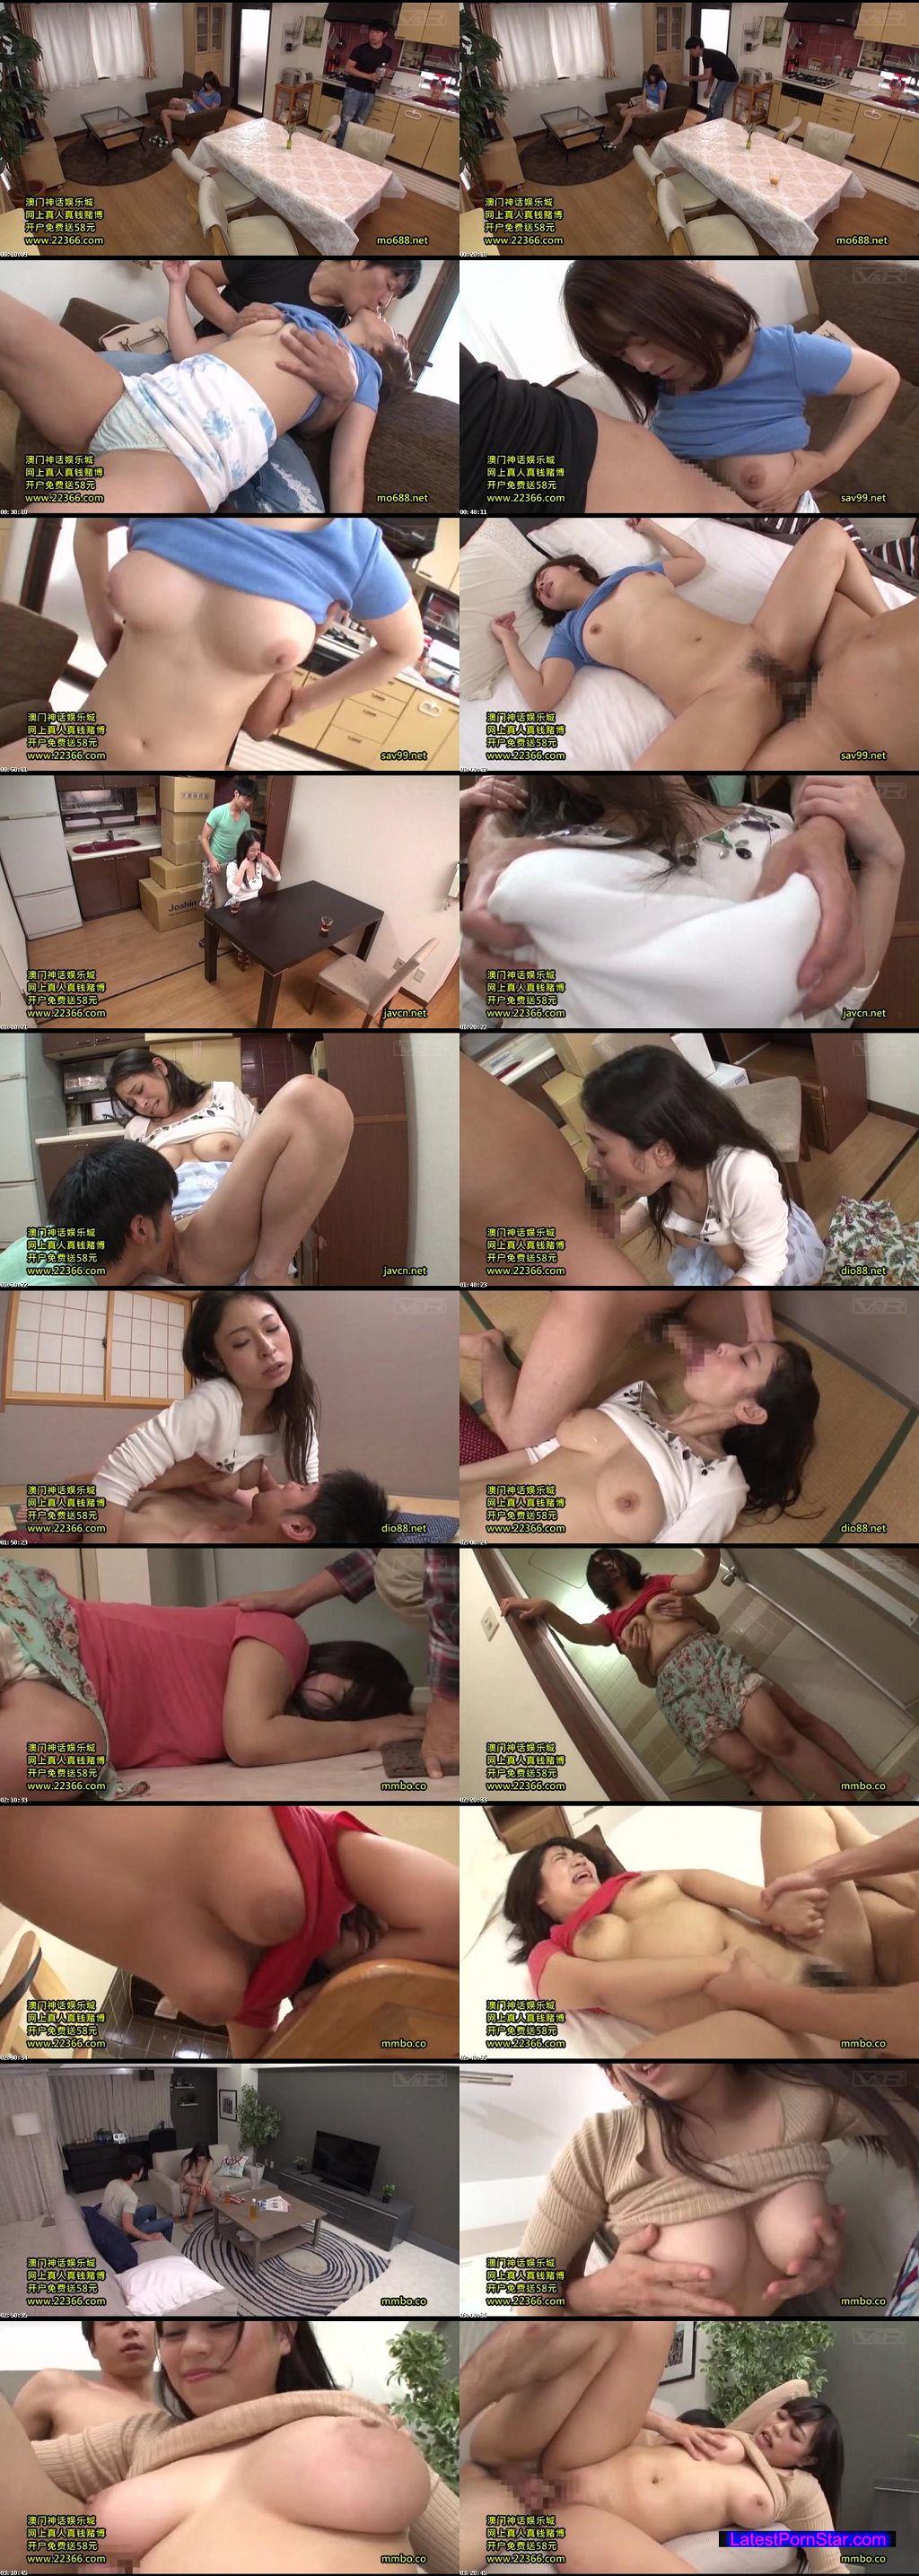 [VRTM-197] デカ乳に張りつく着衣巨乳の姉に媚薬を飲ませると摩れるだけで感じる超敏感ボディに!おっぱい激揺れさせるデカチン突きに痙攣!しながら何度もイキ果てる!